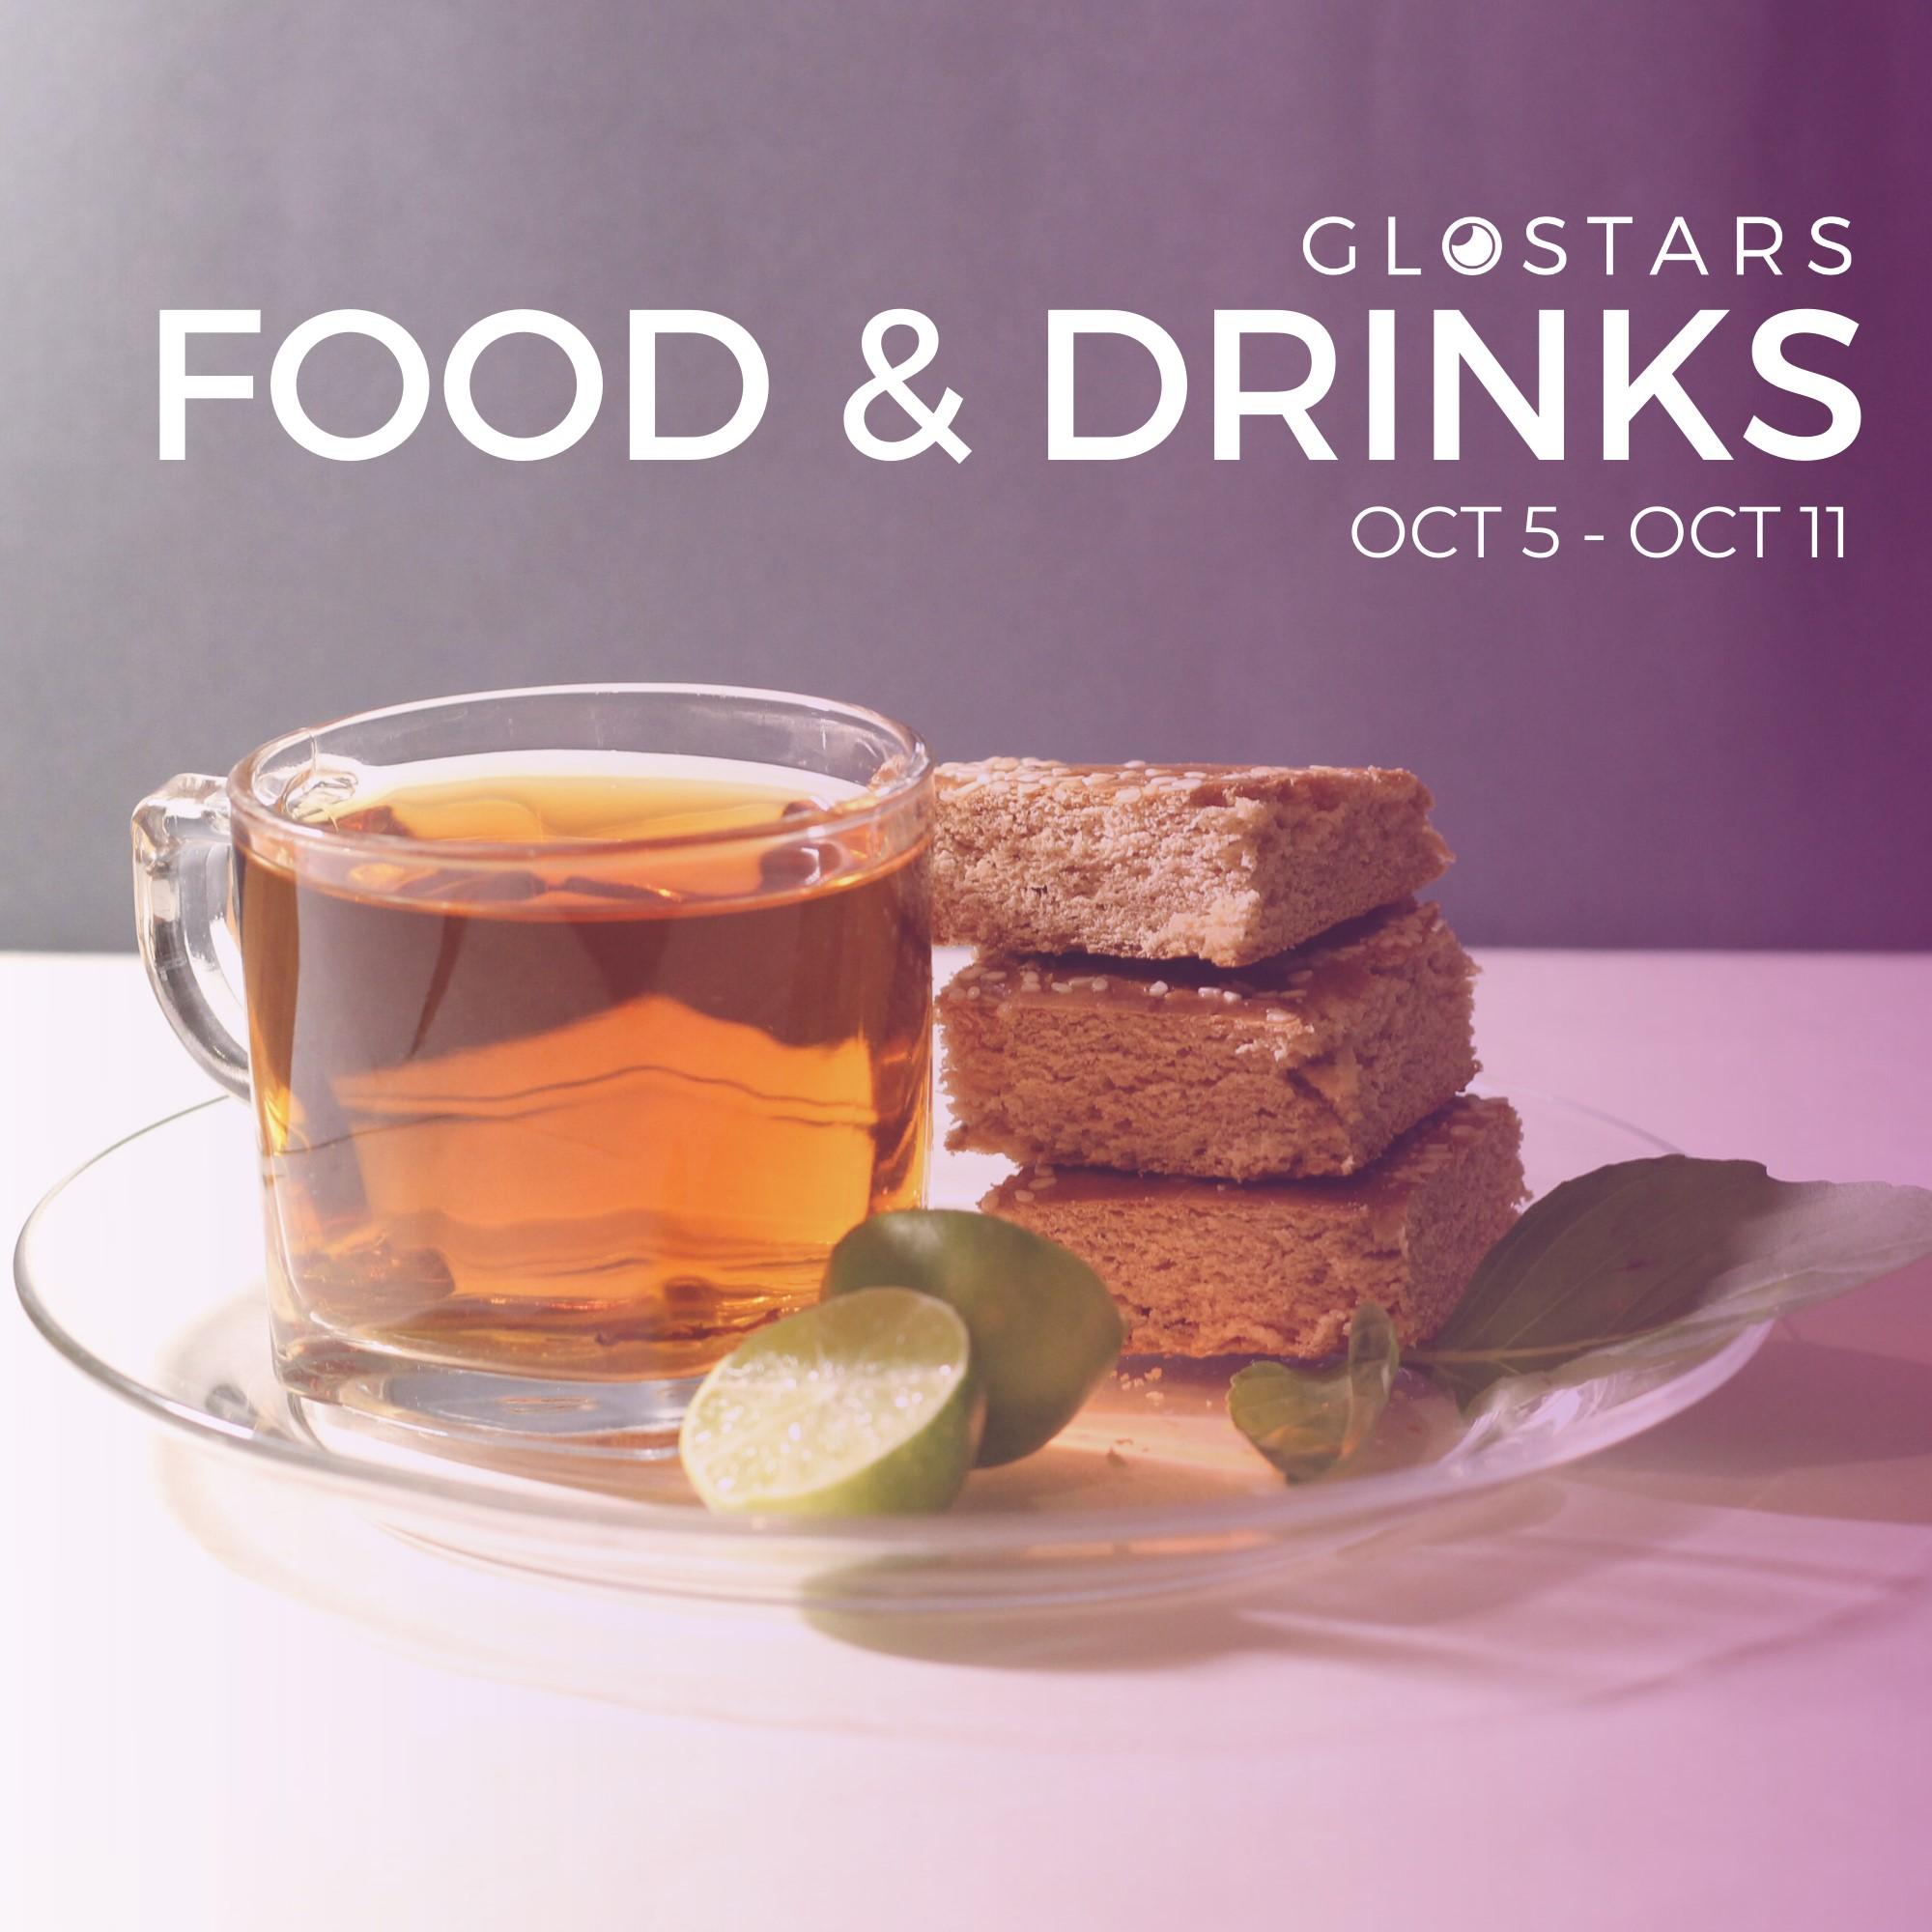 Glostars Oy